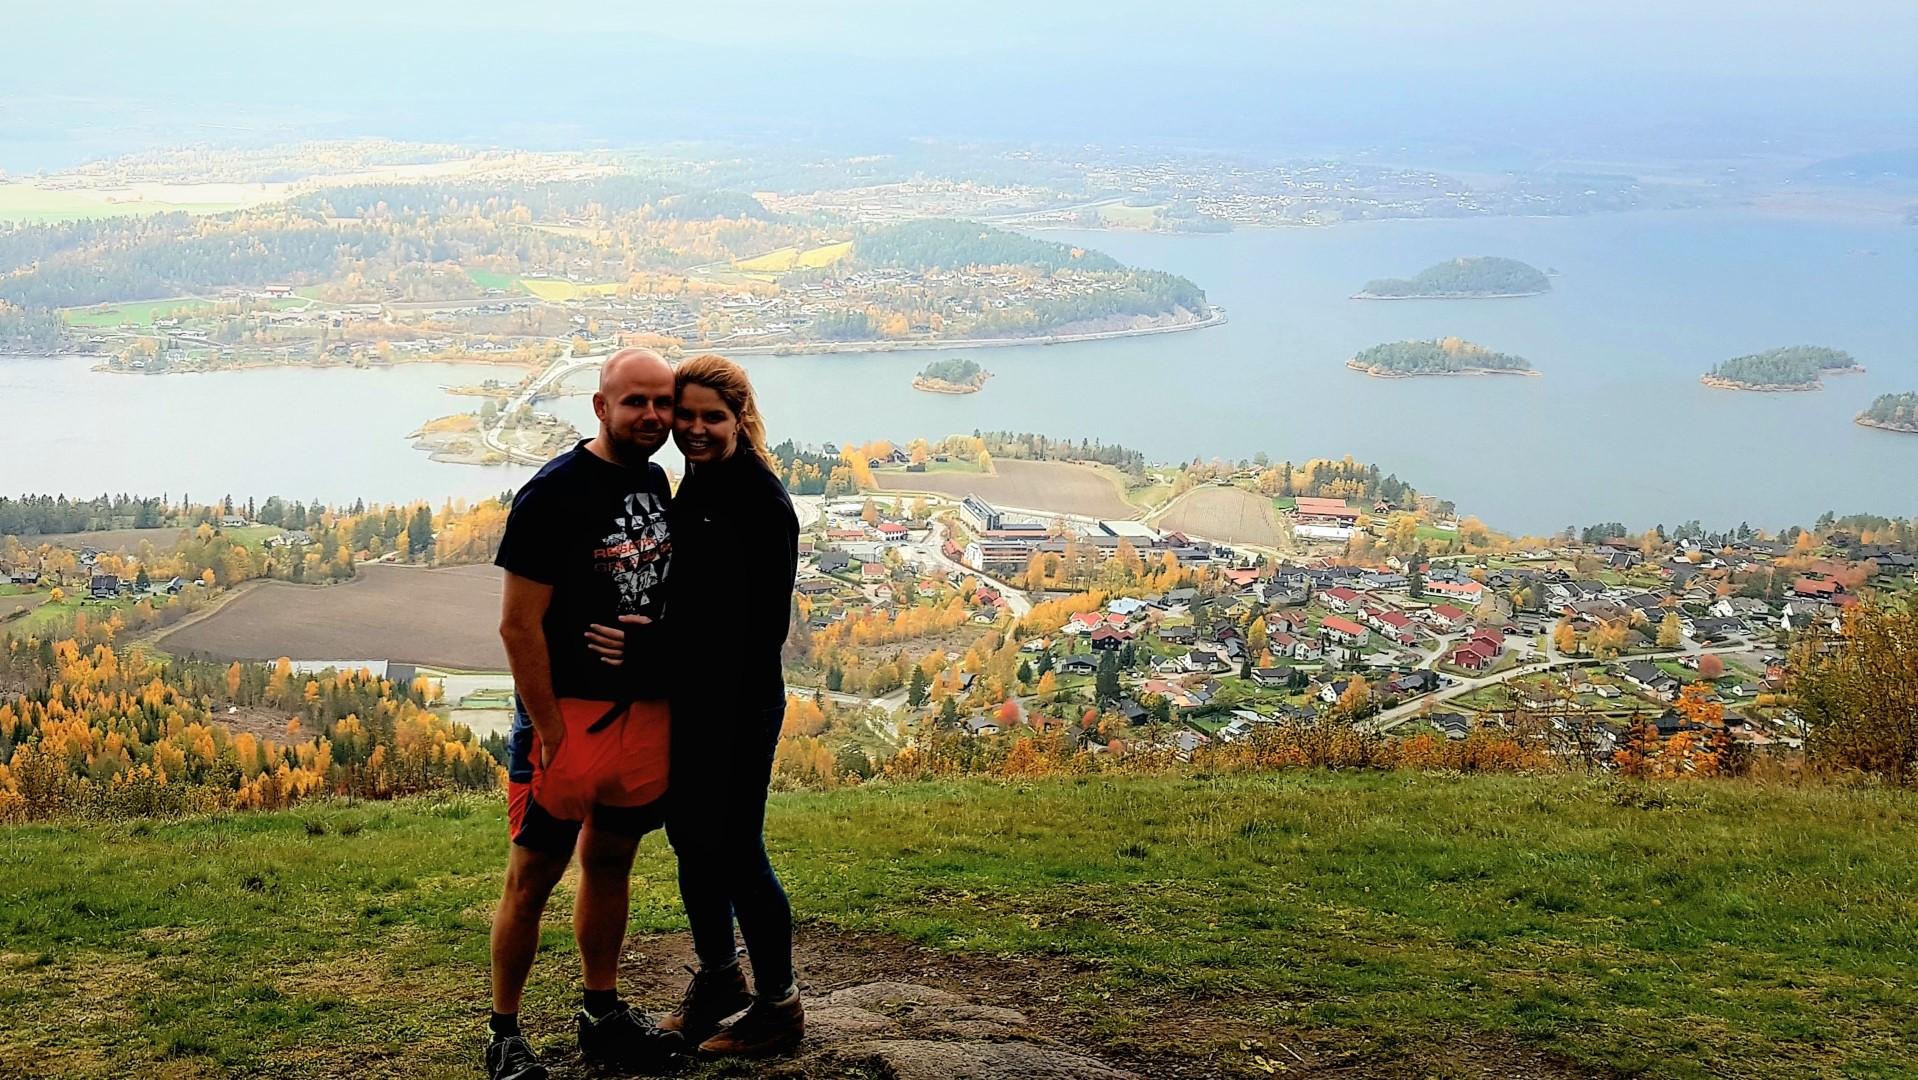 Para na tle wysepek niedaleko Oslo. W dole miasteczko skąpane w jesiennych kolorach.